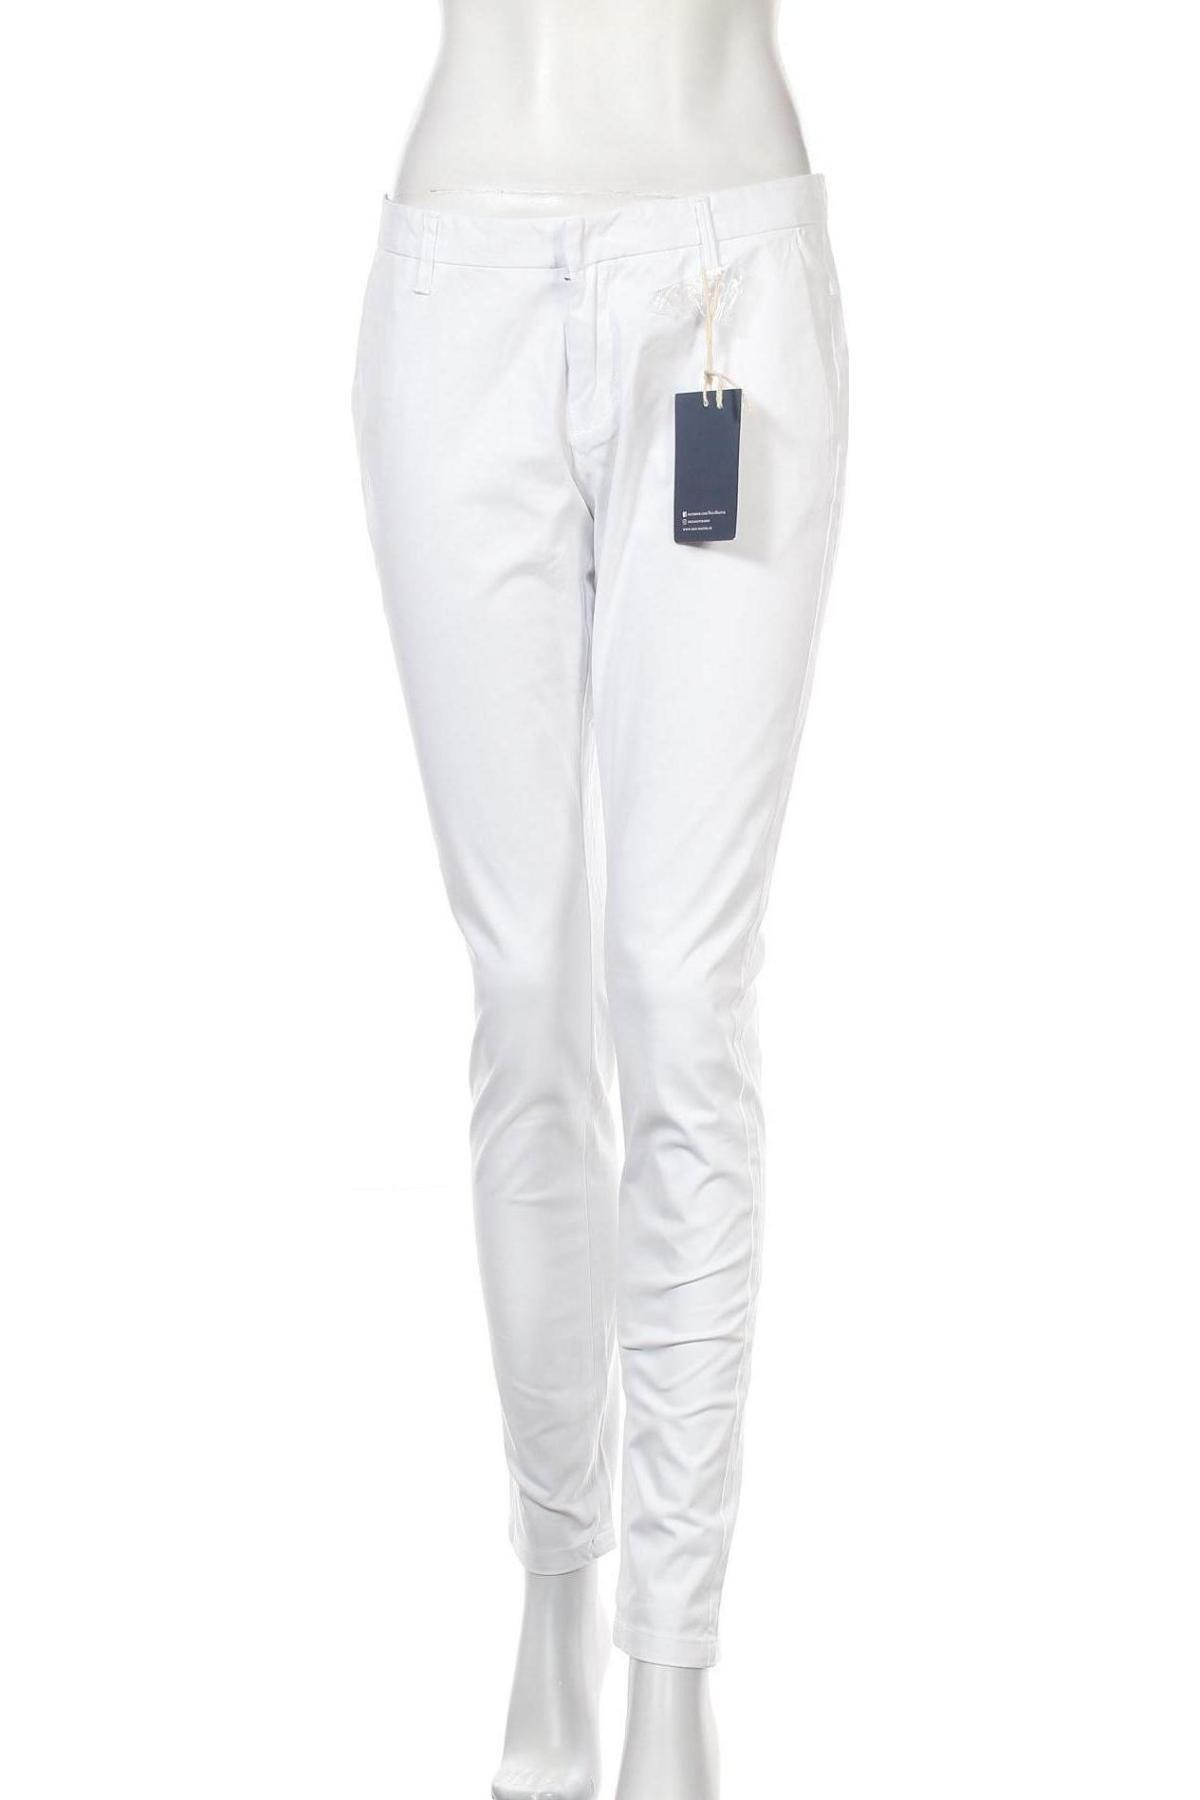 Дамски панталон Dreimaster, Размер M, Цвят Бял, 97% памук, 3% еластан, Цена 96,75лв.